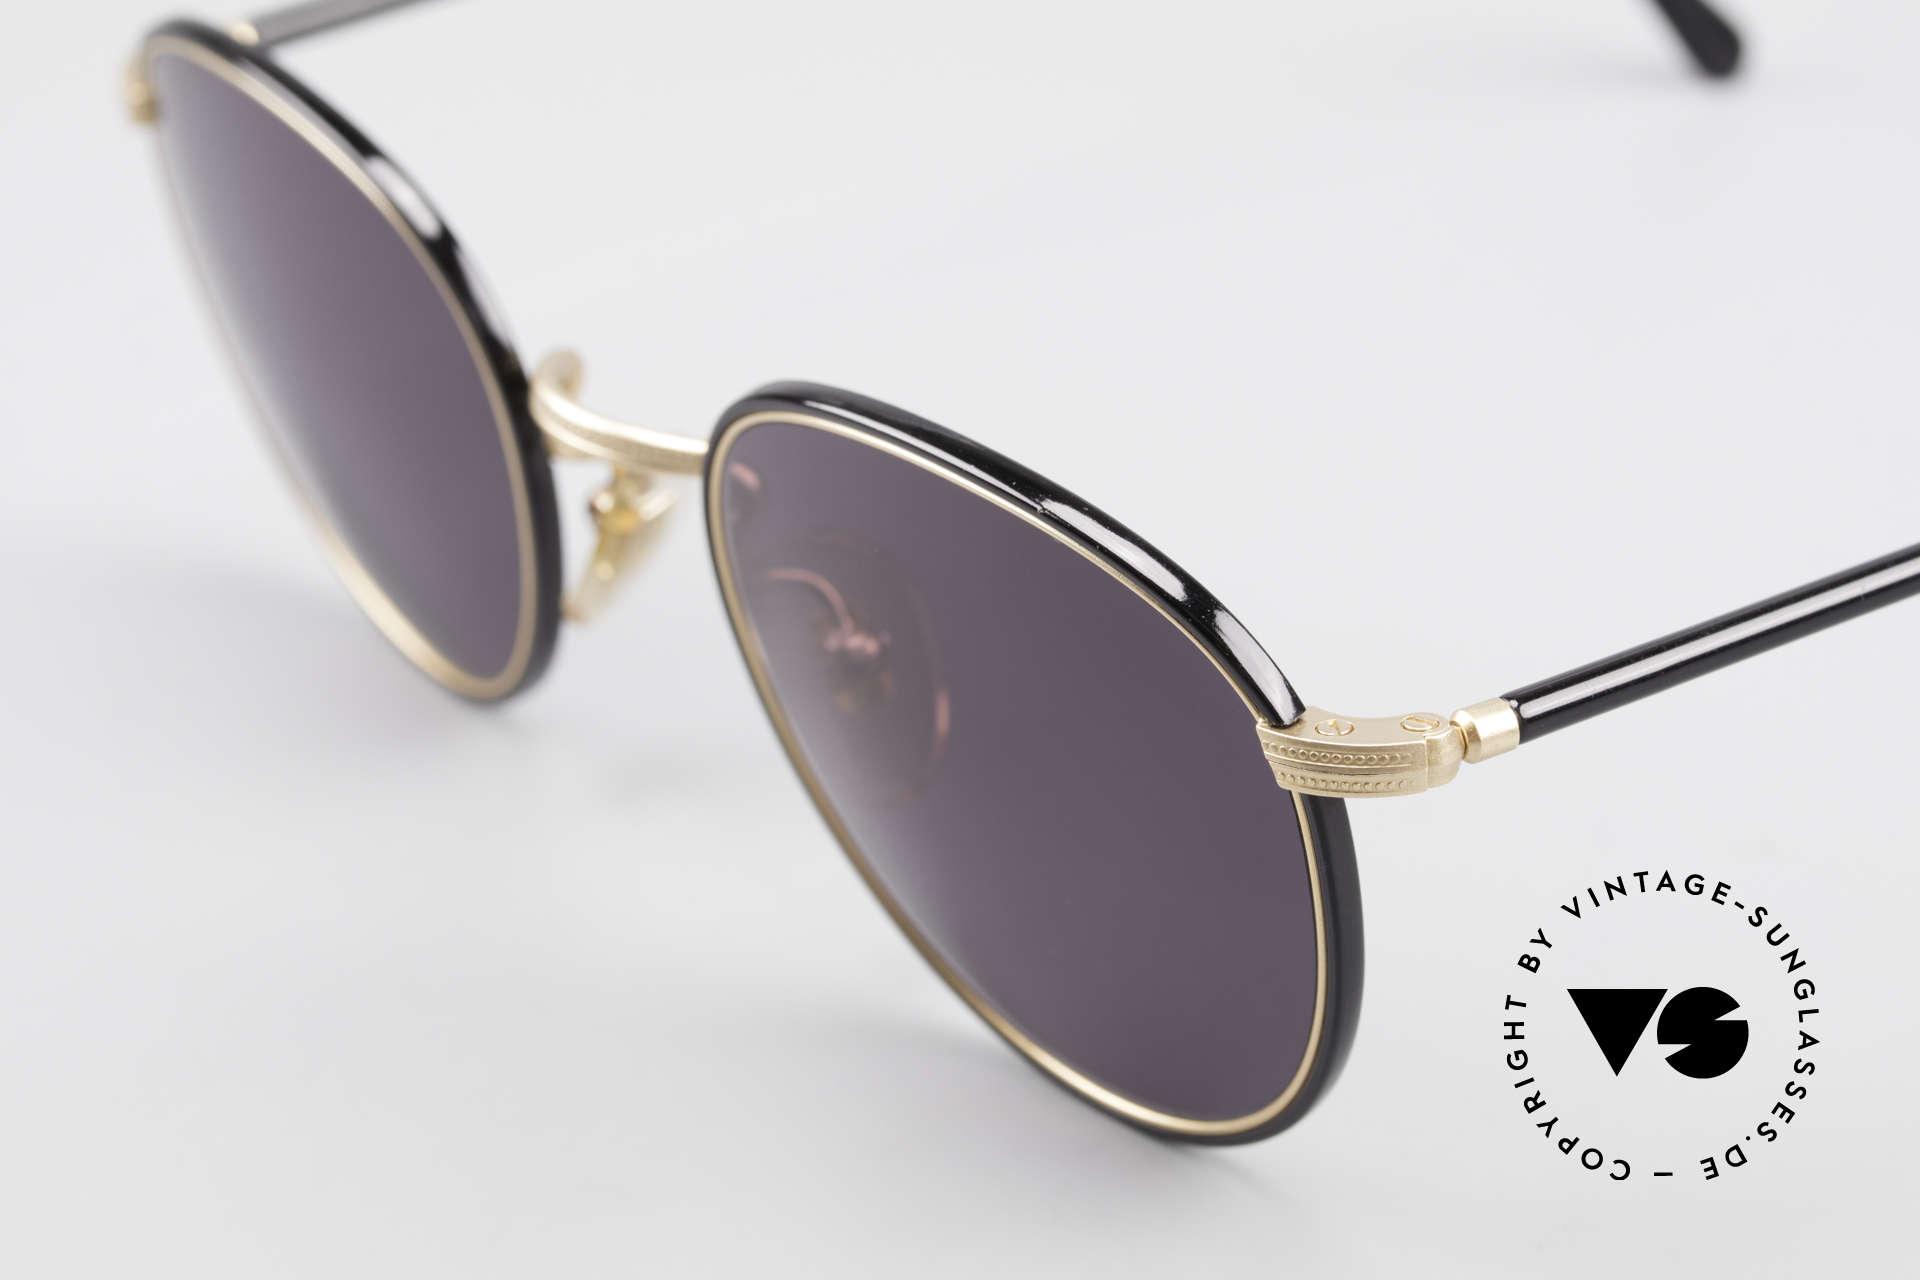 Cutler And Gross 0352 Vintage Panto Sonnenbrille, sehr elegante Kombination von Materialien und Farben, Passend für Herren und Damen